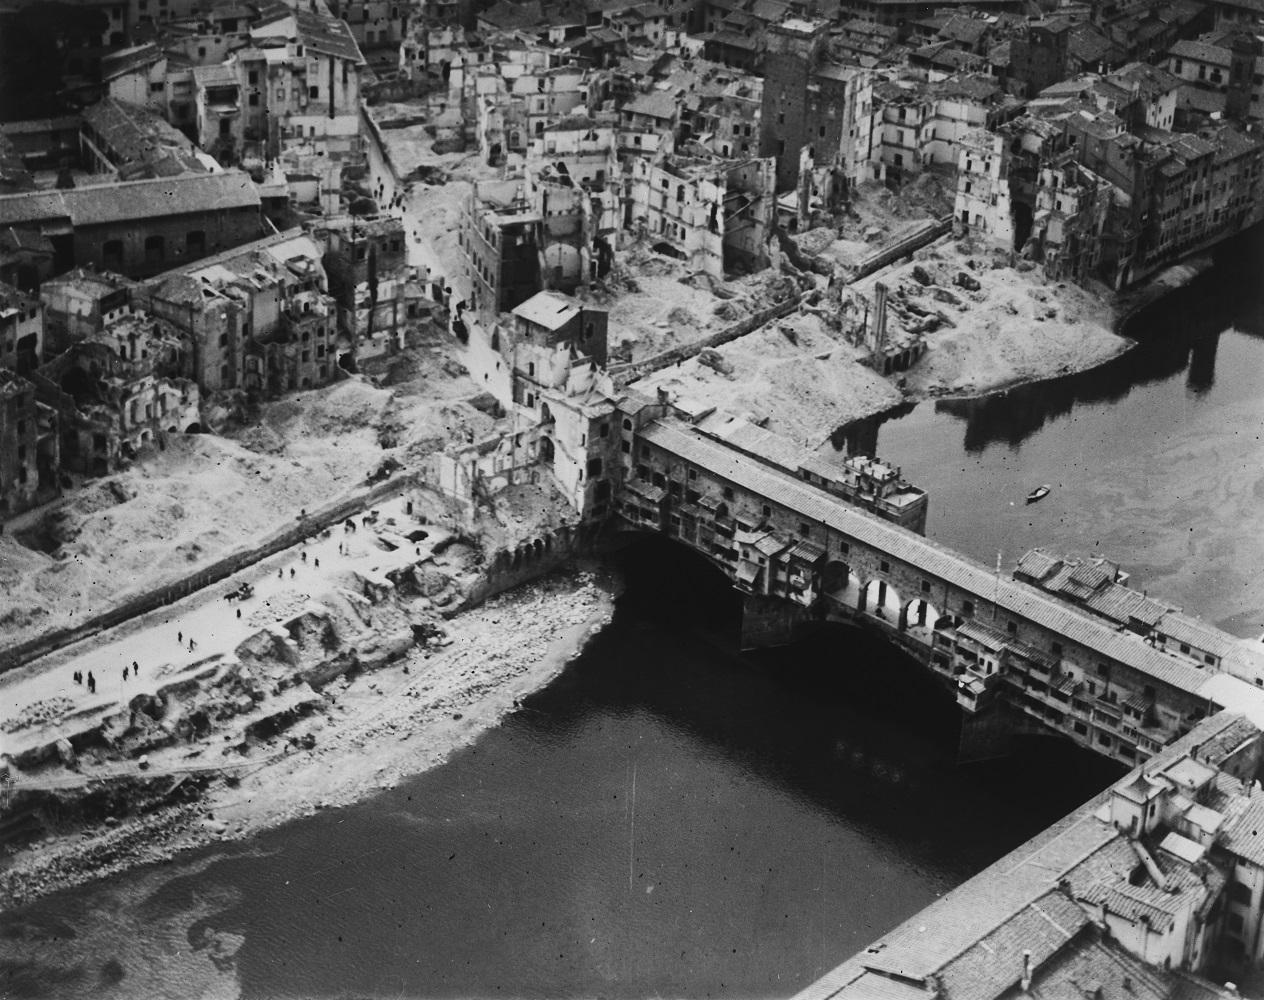 Corridoio Vasariano - Ponte Vecchio Bombardamenti